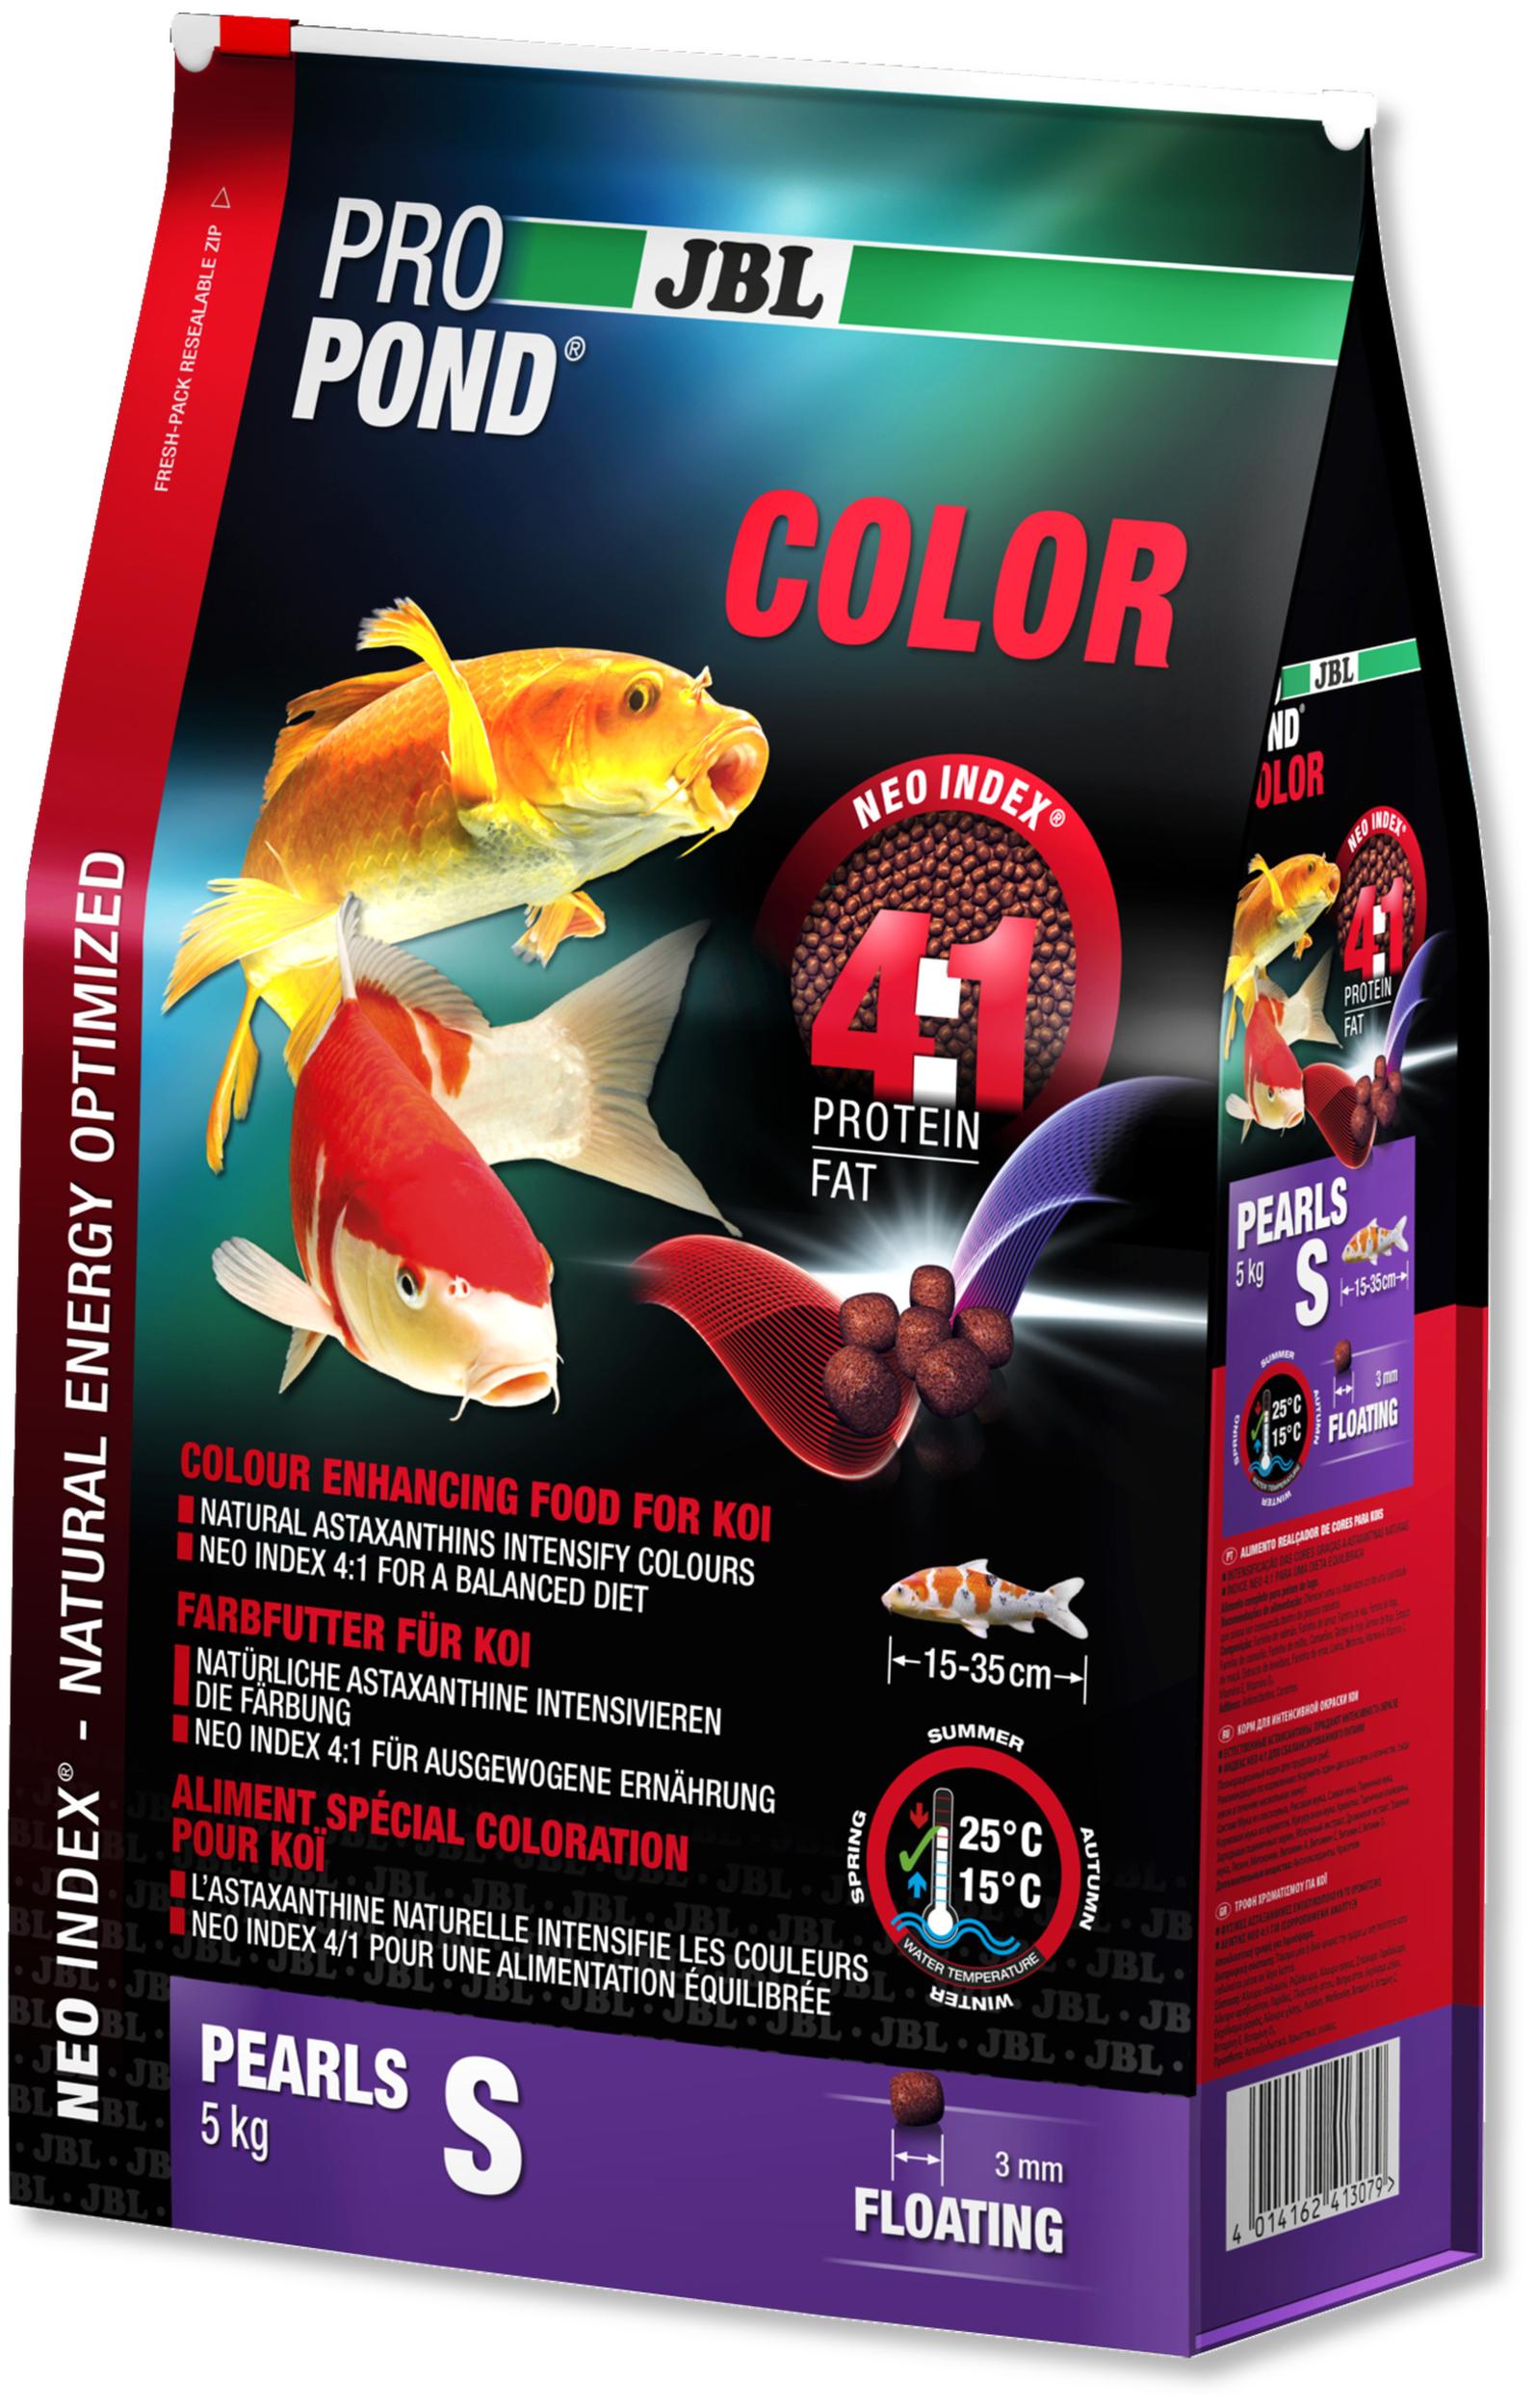 JBL ProPond Color S 5 Kg nourriture Koïs spéciale renforcement des couleurs sous forme de perles pour poissons de 15 à 35 cm